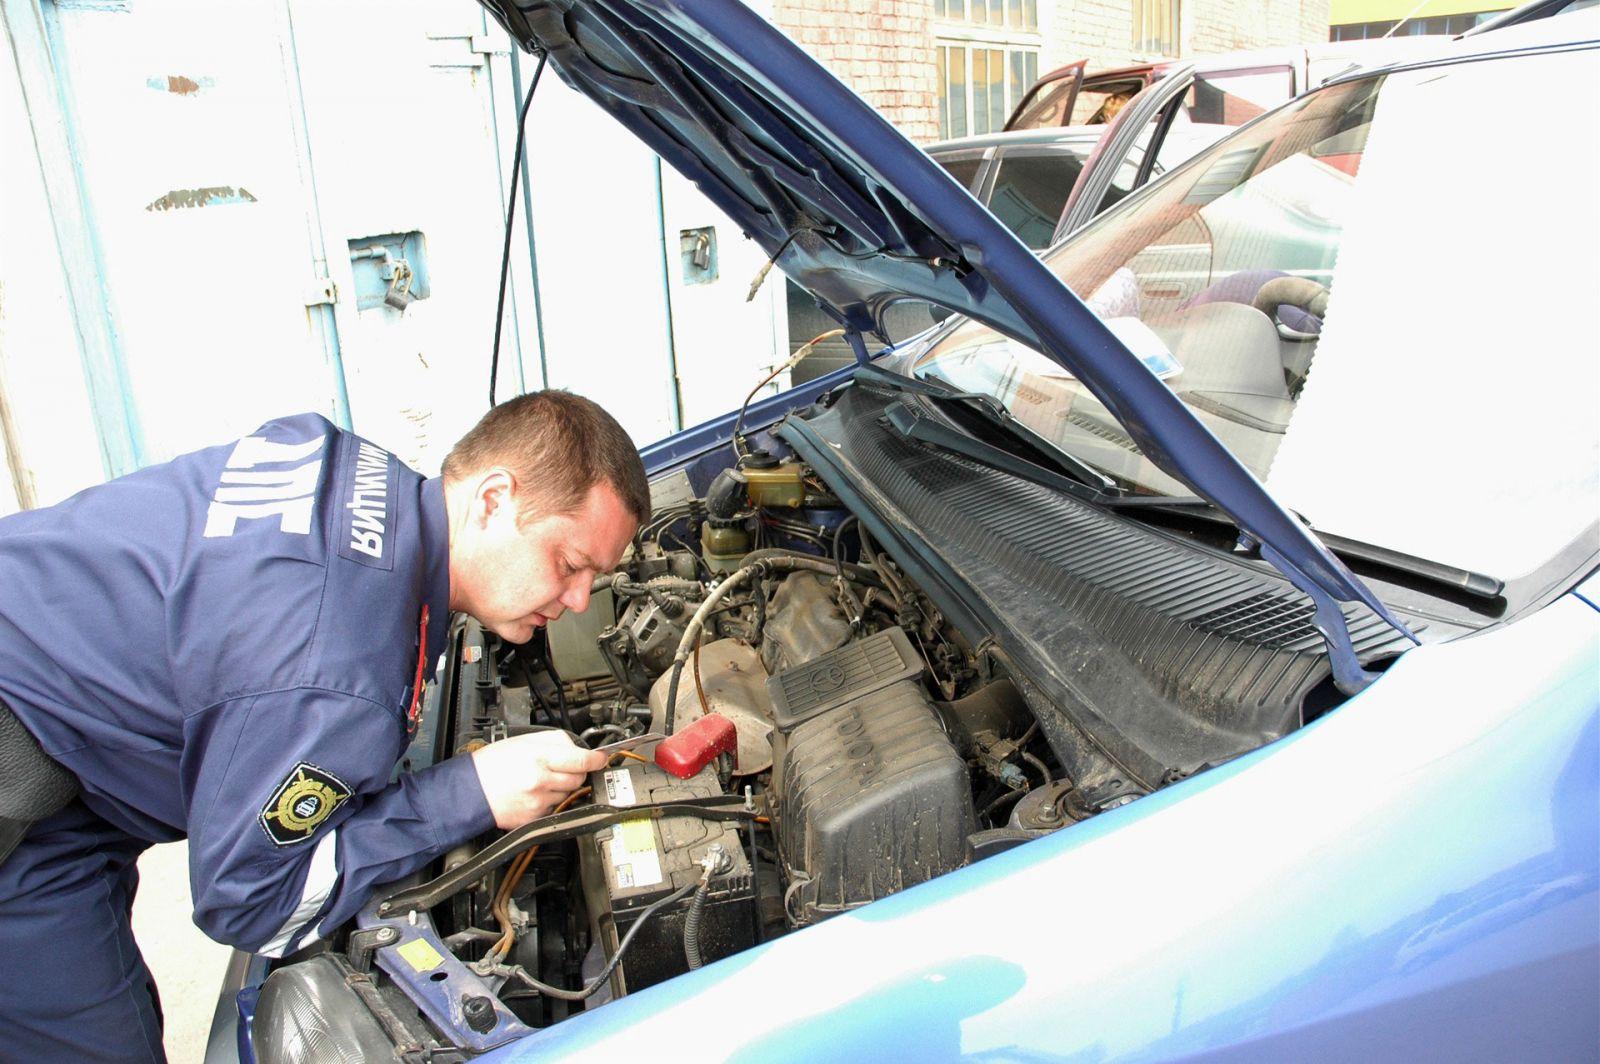 Зачем инспектор ГИБДД просит сесть в патрульный автомобиль?